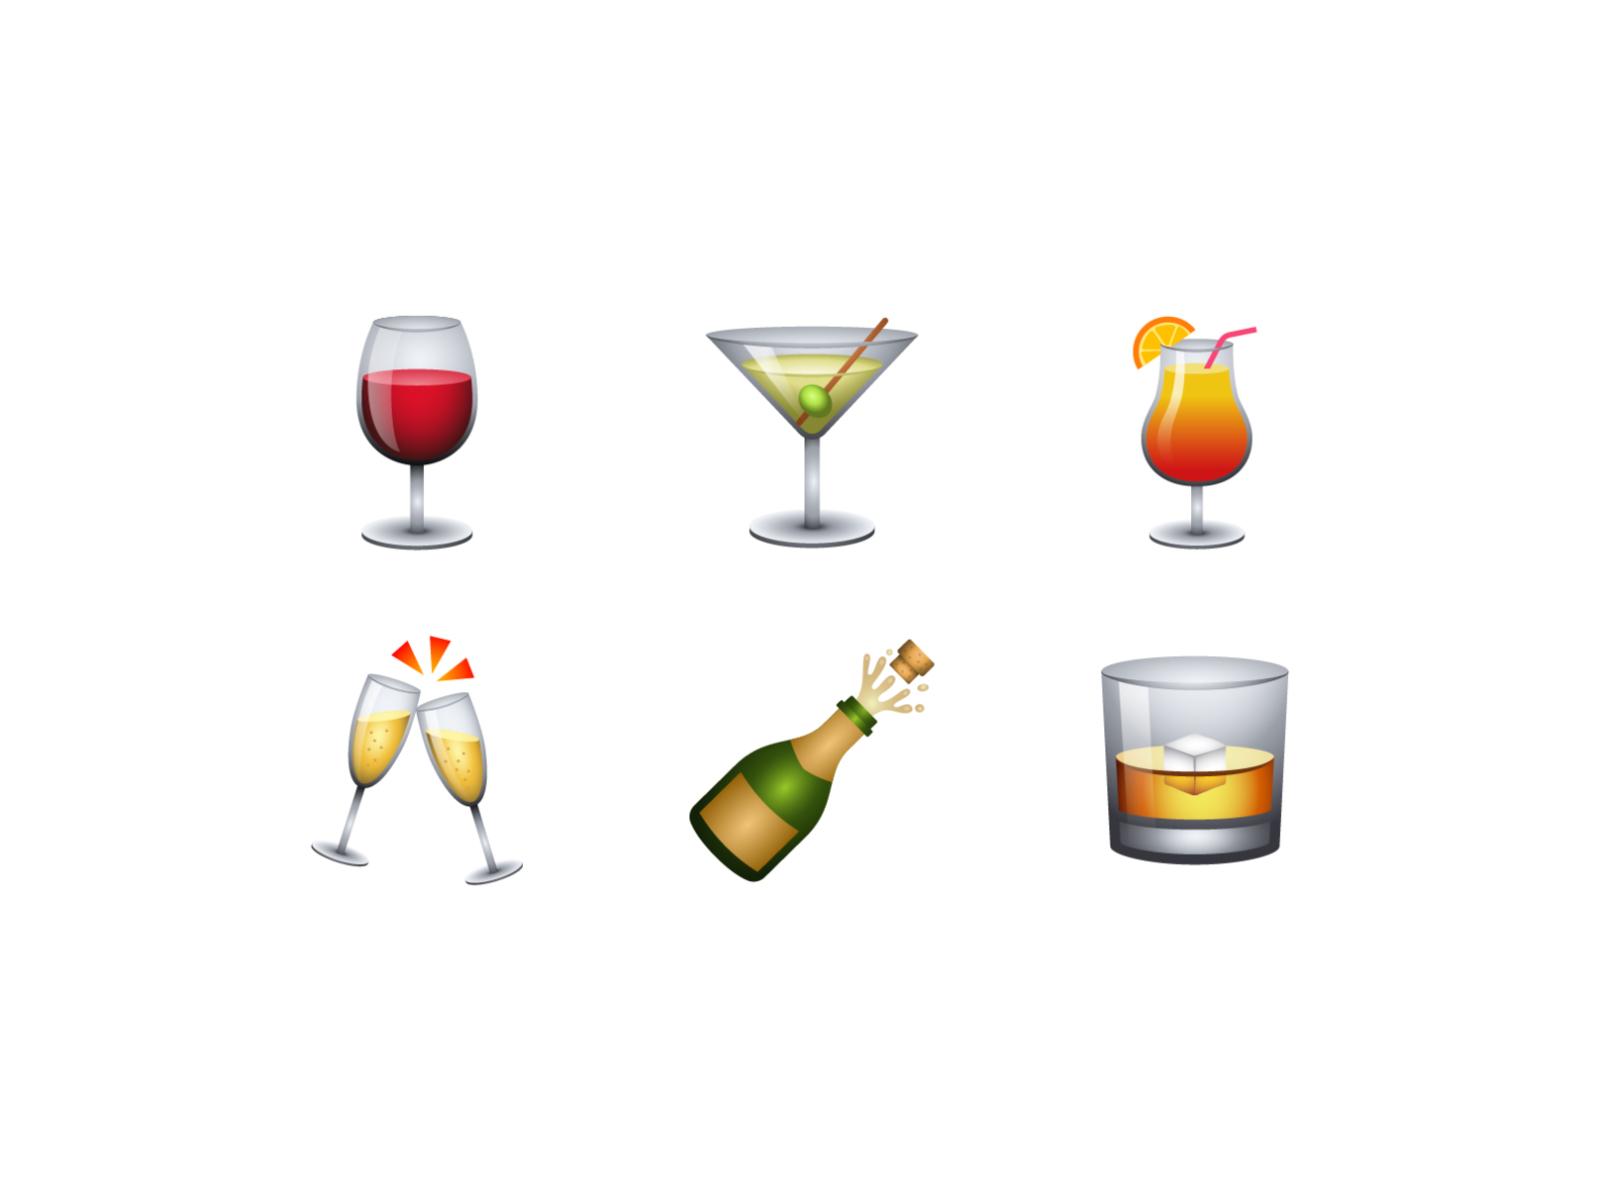 food and drink emoji